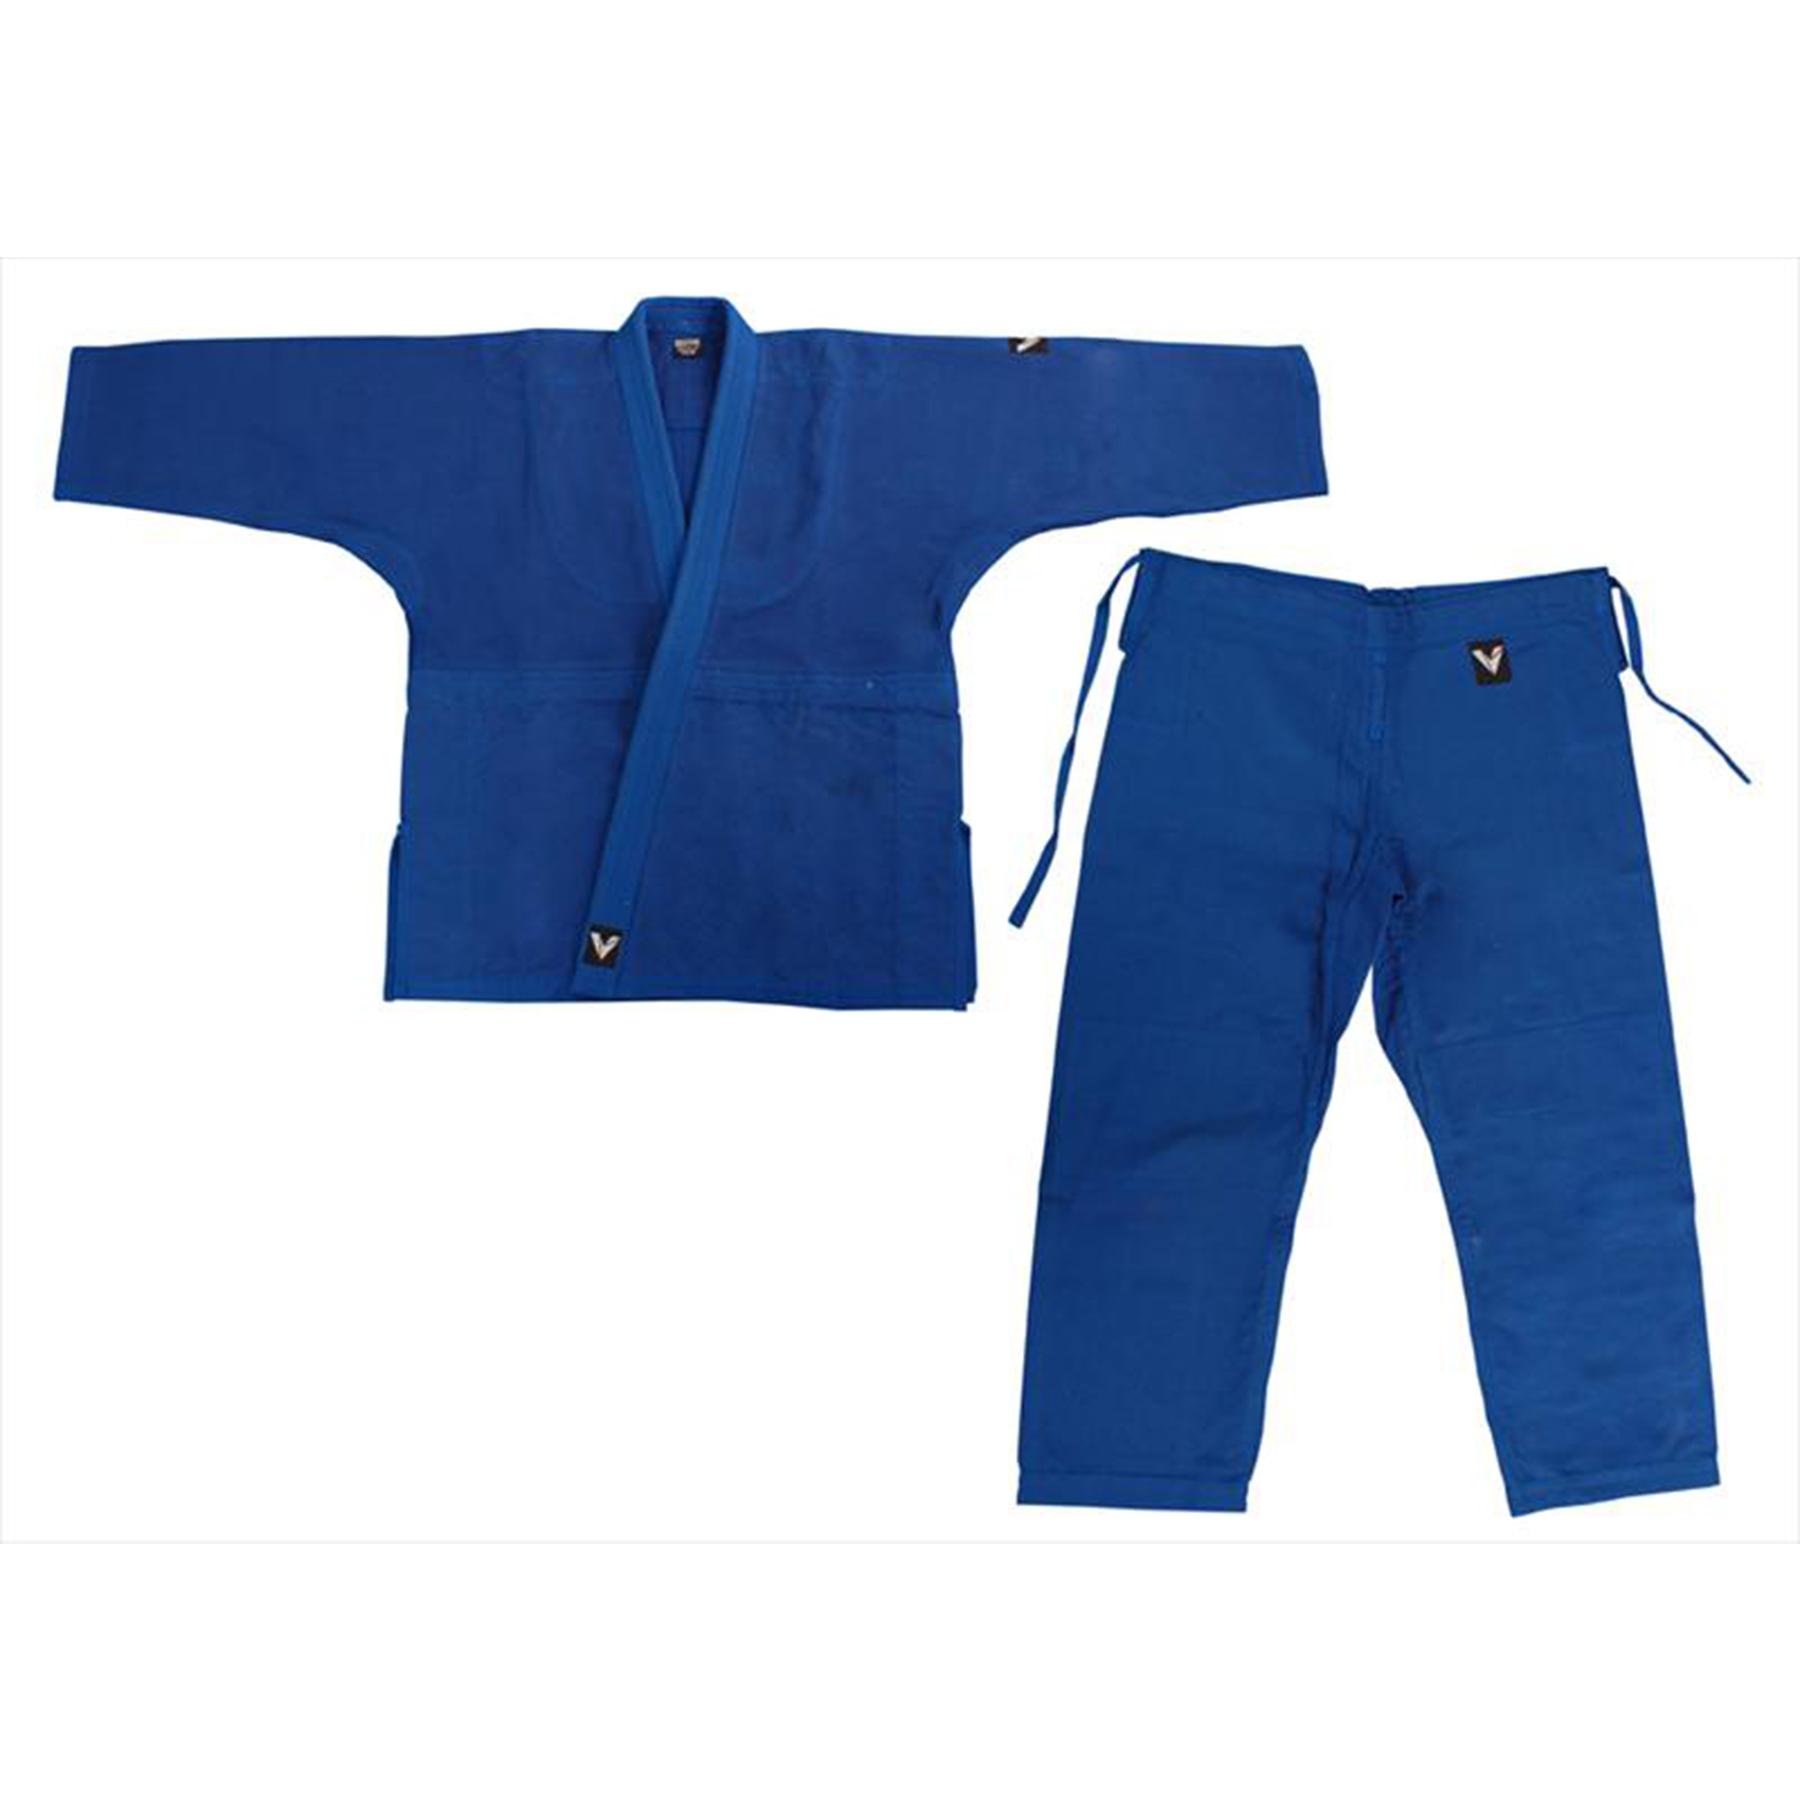 Кимоно дзюдо синее мастерское 56-58/200 4255С-7